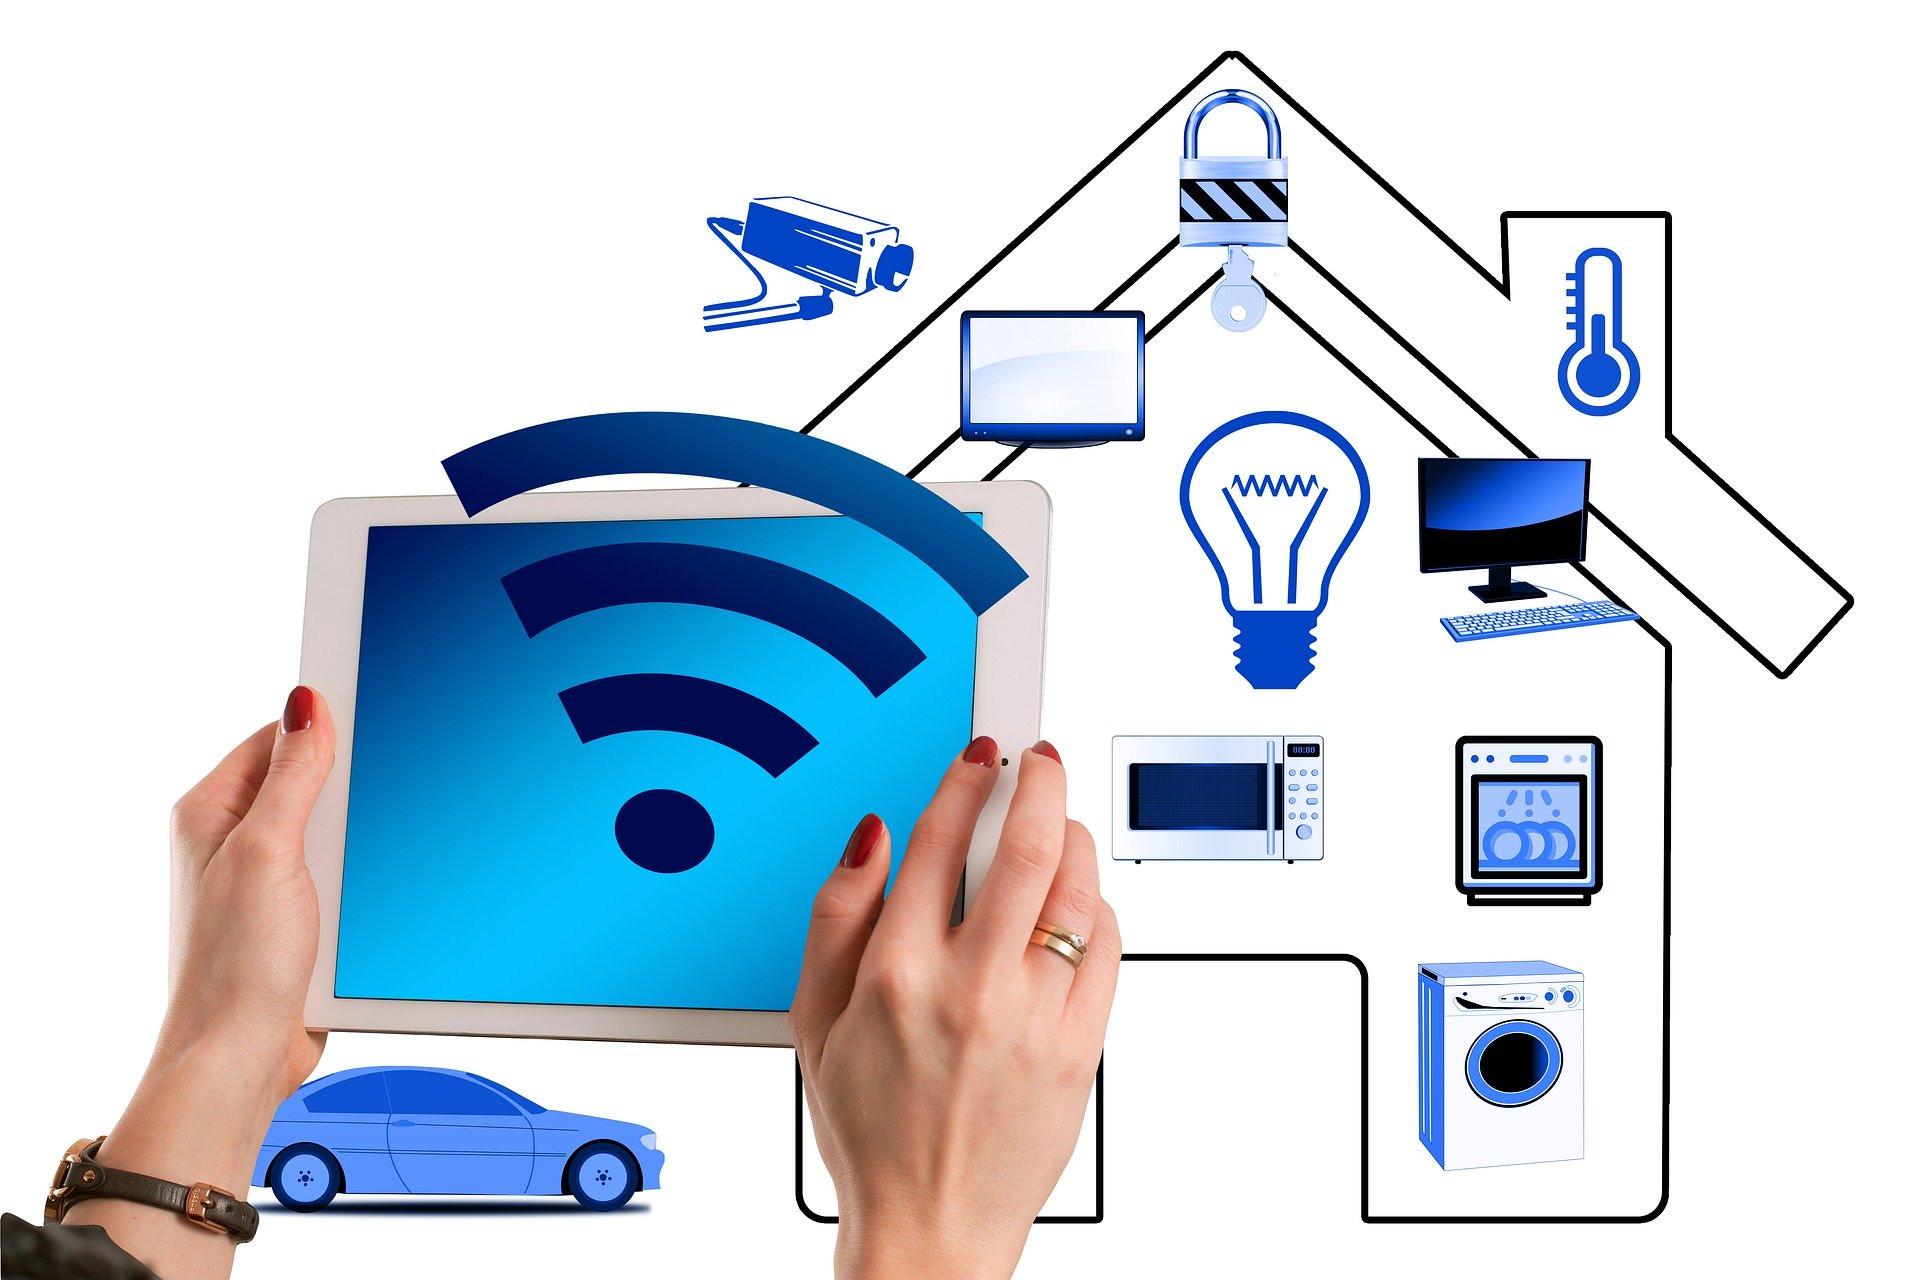 Prodotti Domotici Cosa Sono la migliore tecnologia a uso domestico: domotica e lampadine